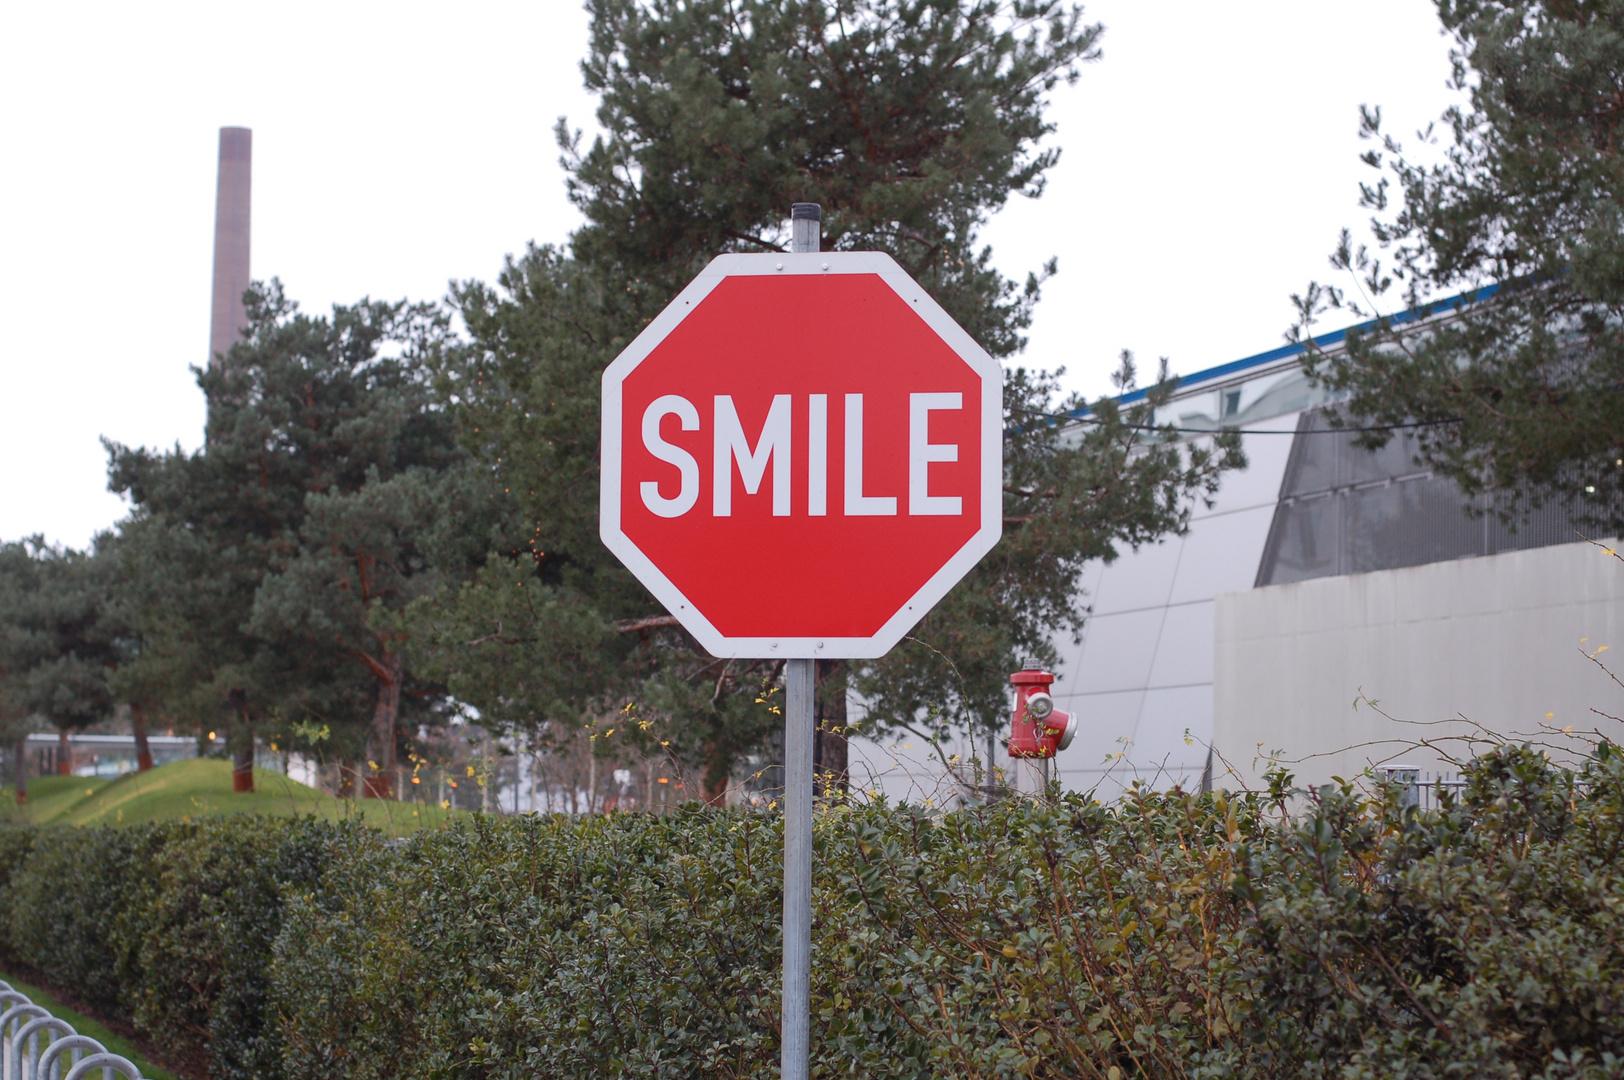 bitte lächeln......